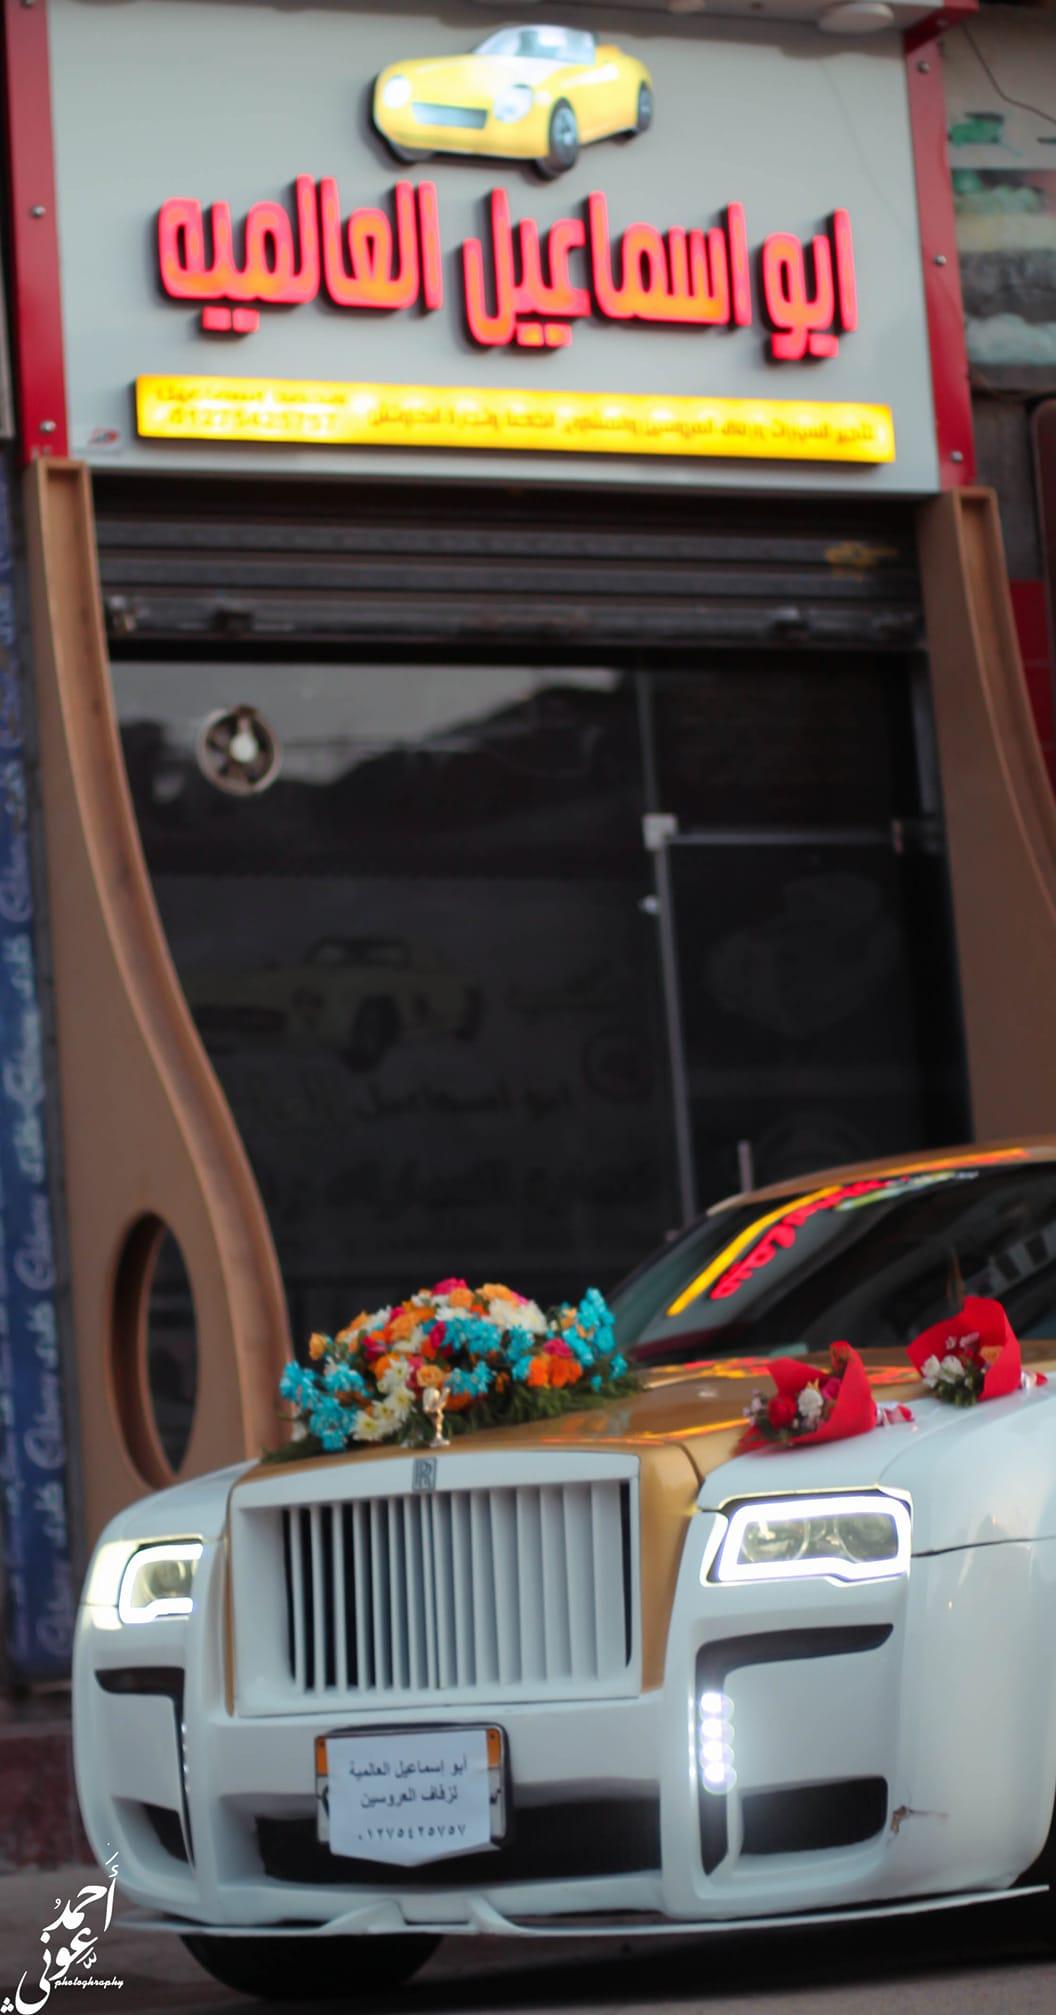 مكتب تاجير سيارات فى دمياط